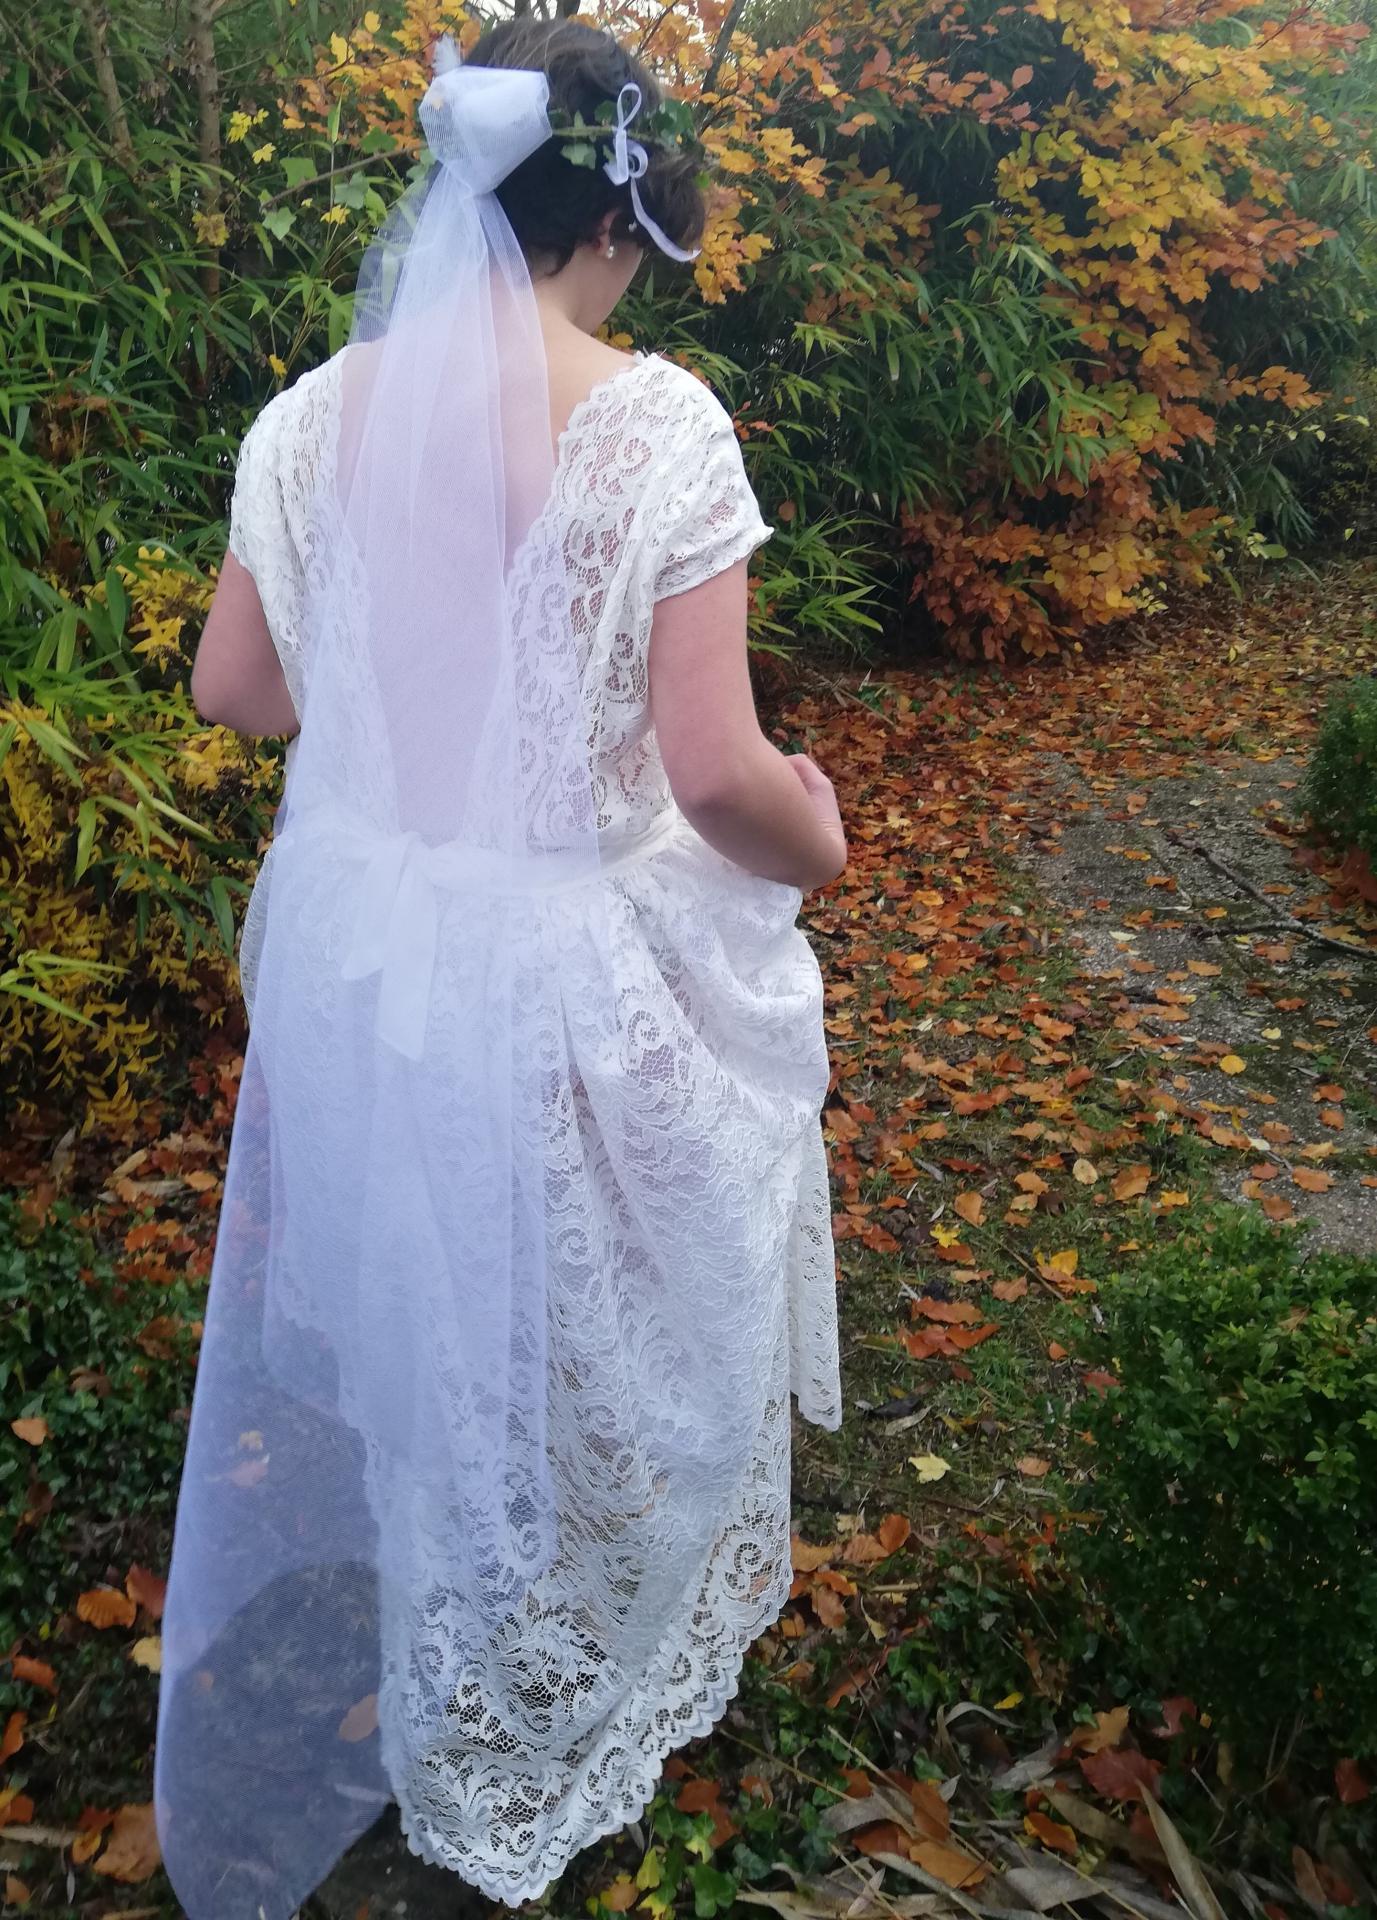 Robe de mariee reversible dentelle tulle et viscose rose faconnee a la main avec un coeur de nacre couronne fleurs et plumes fifi au jardin pose 7